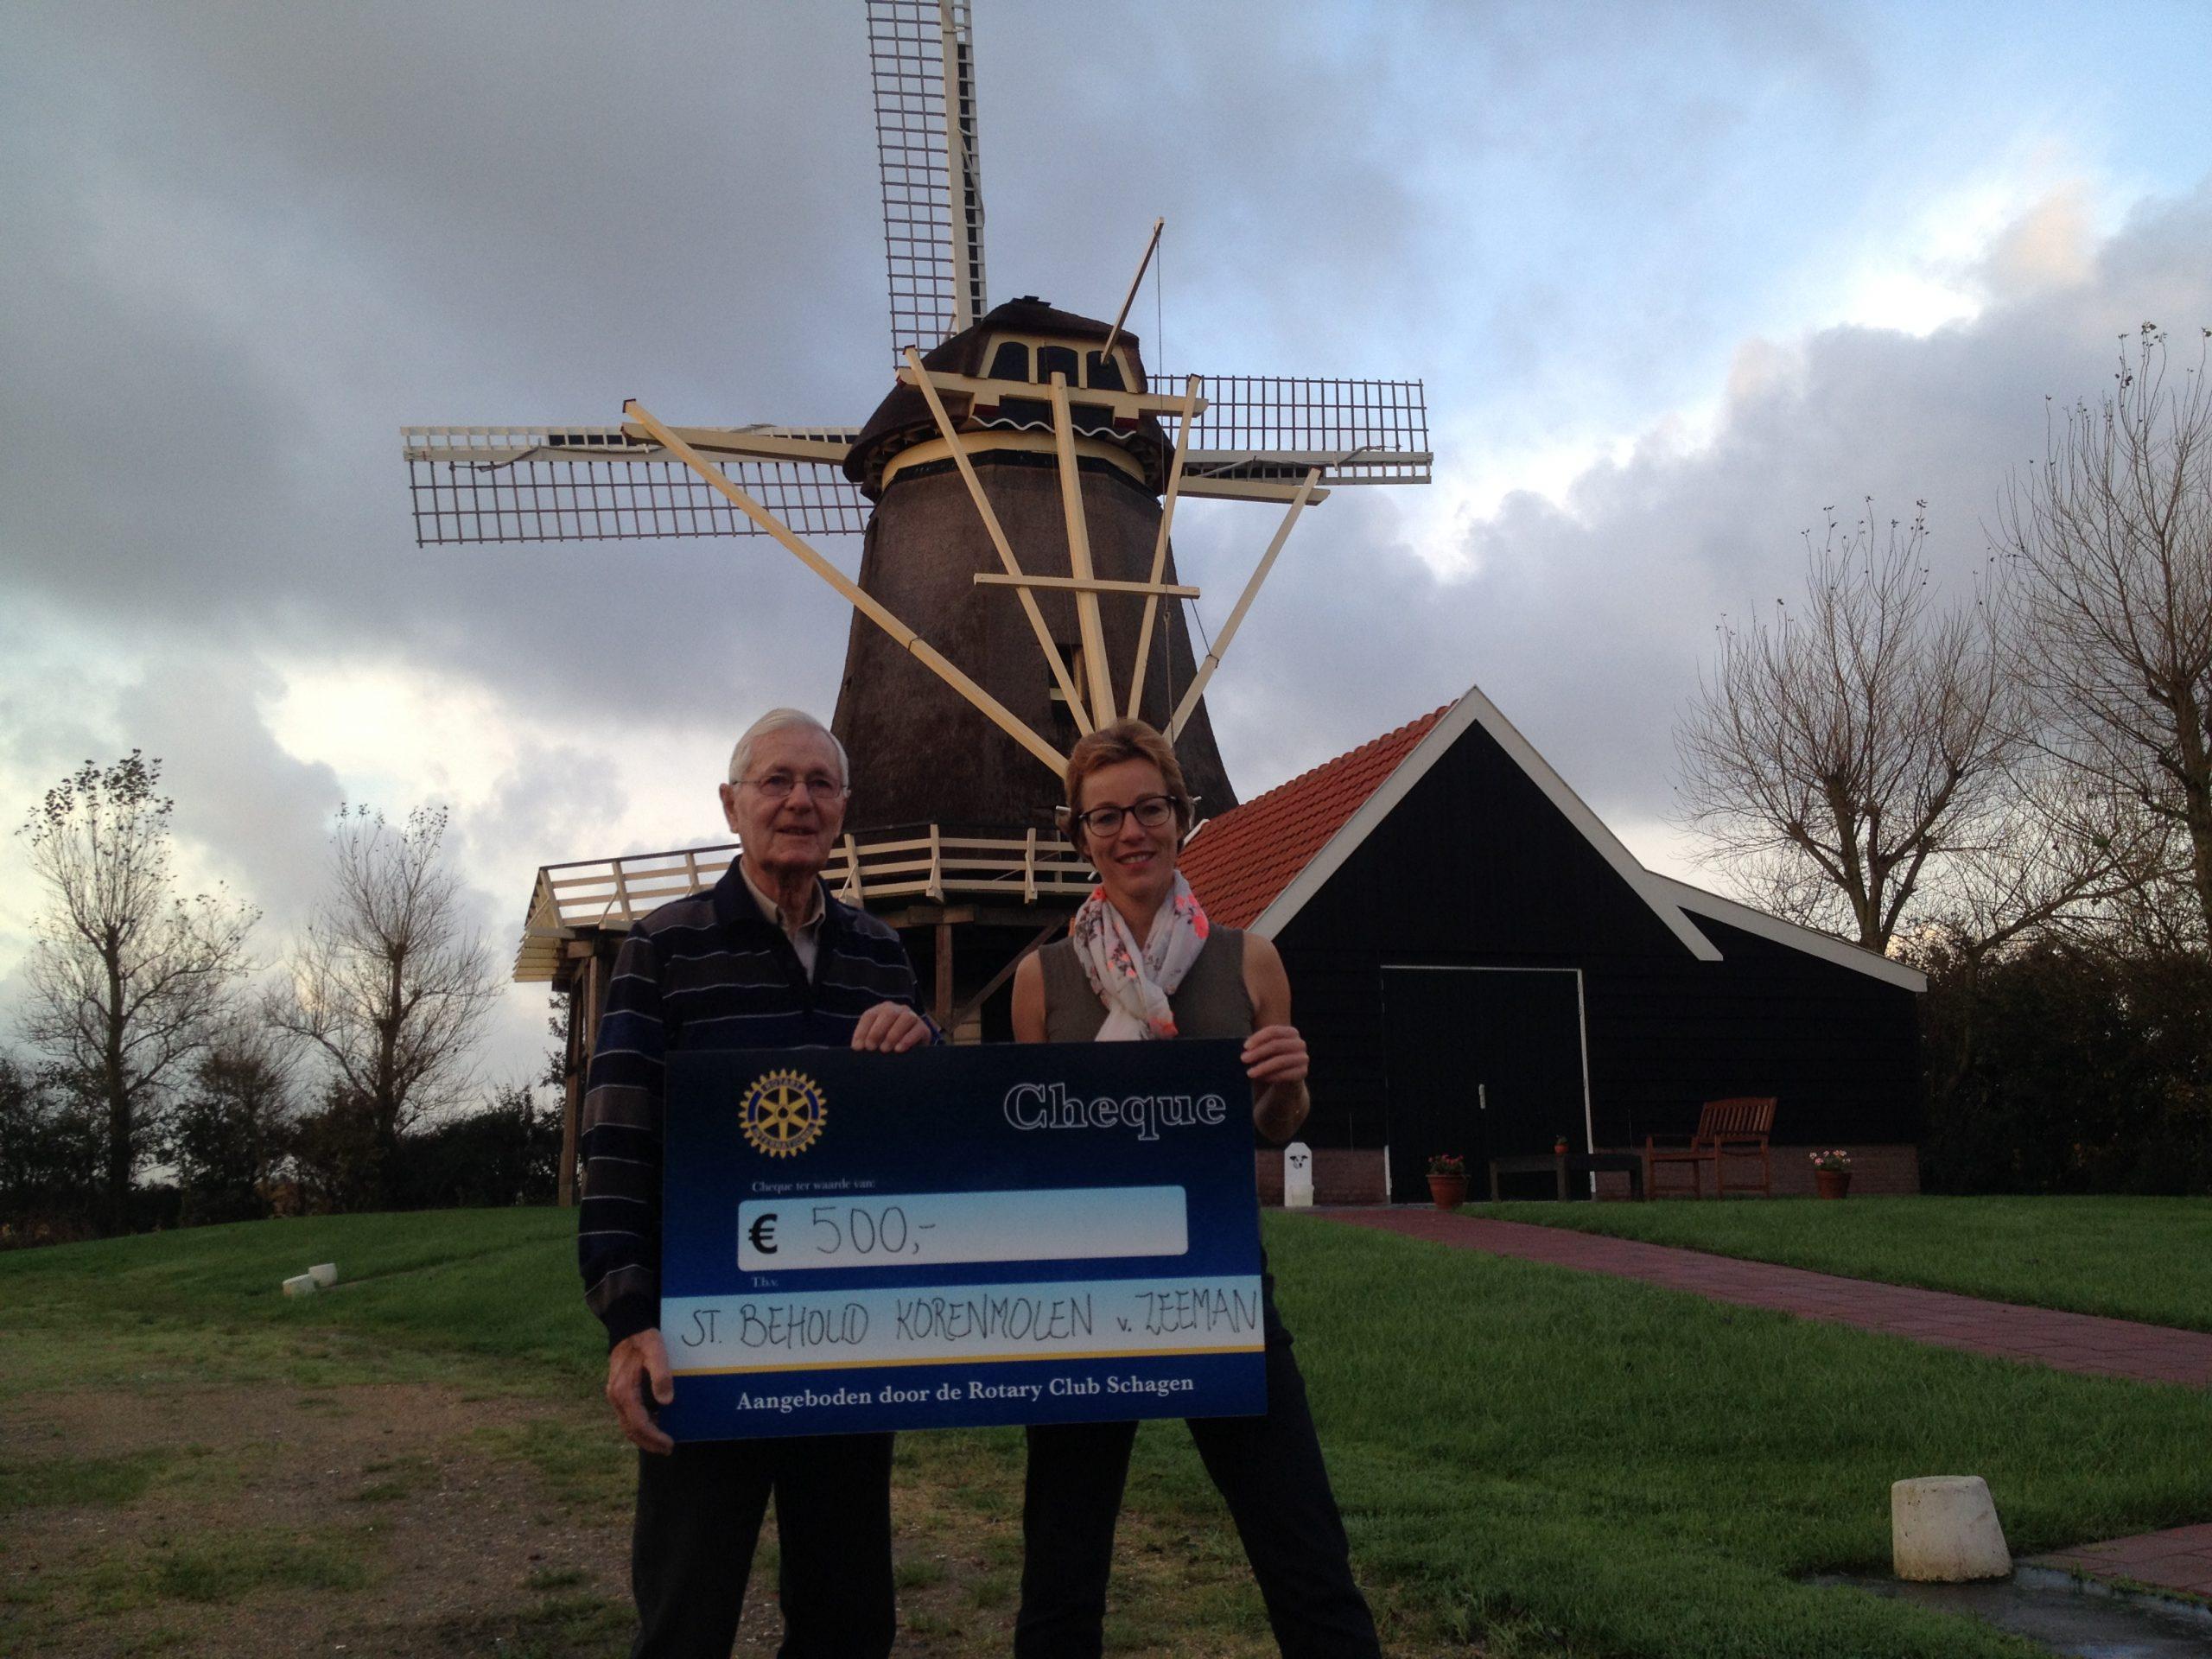 Cheque van Rotary club Schagen